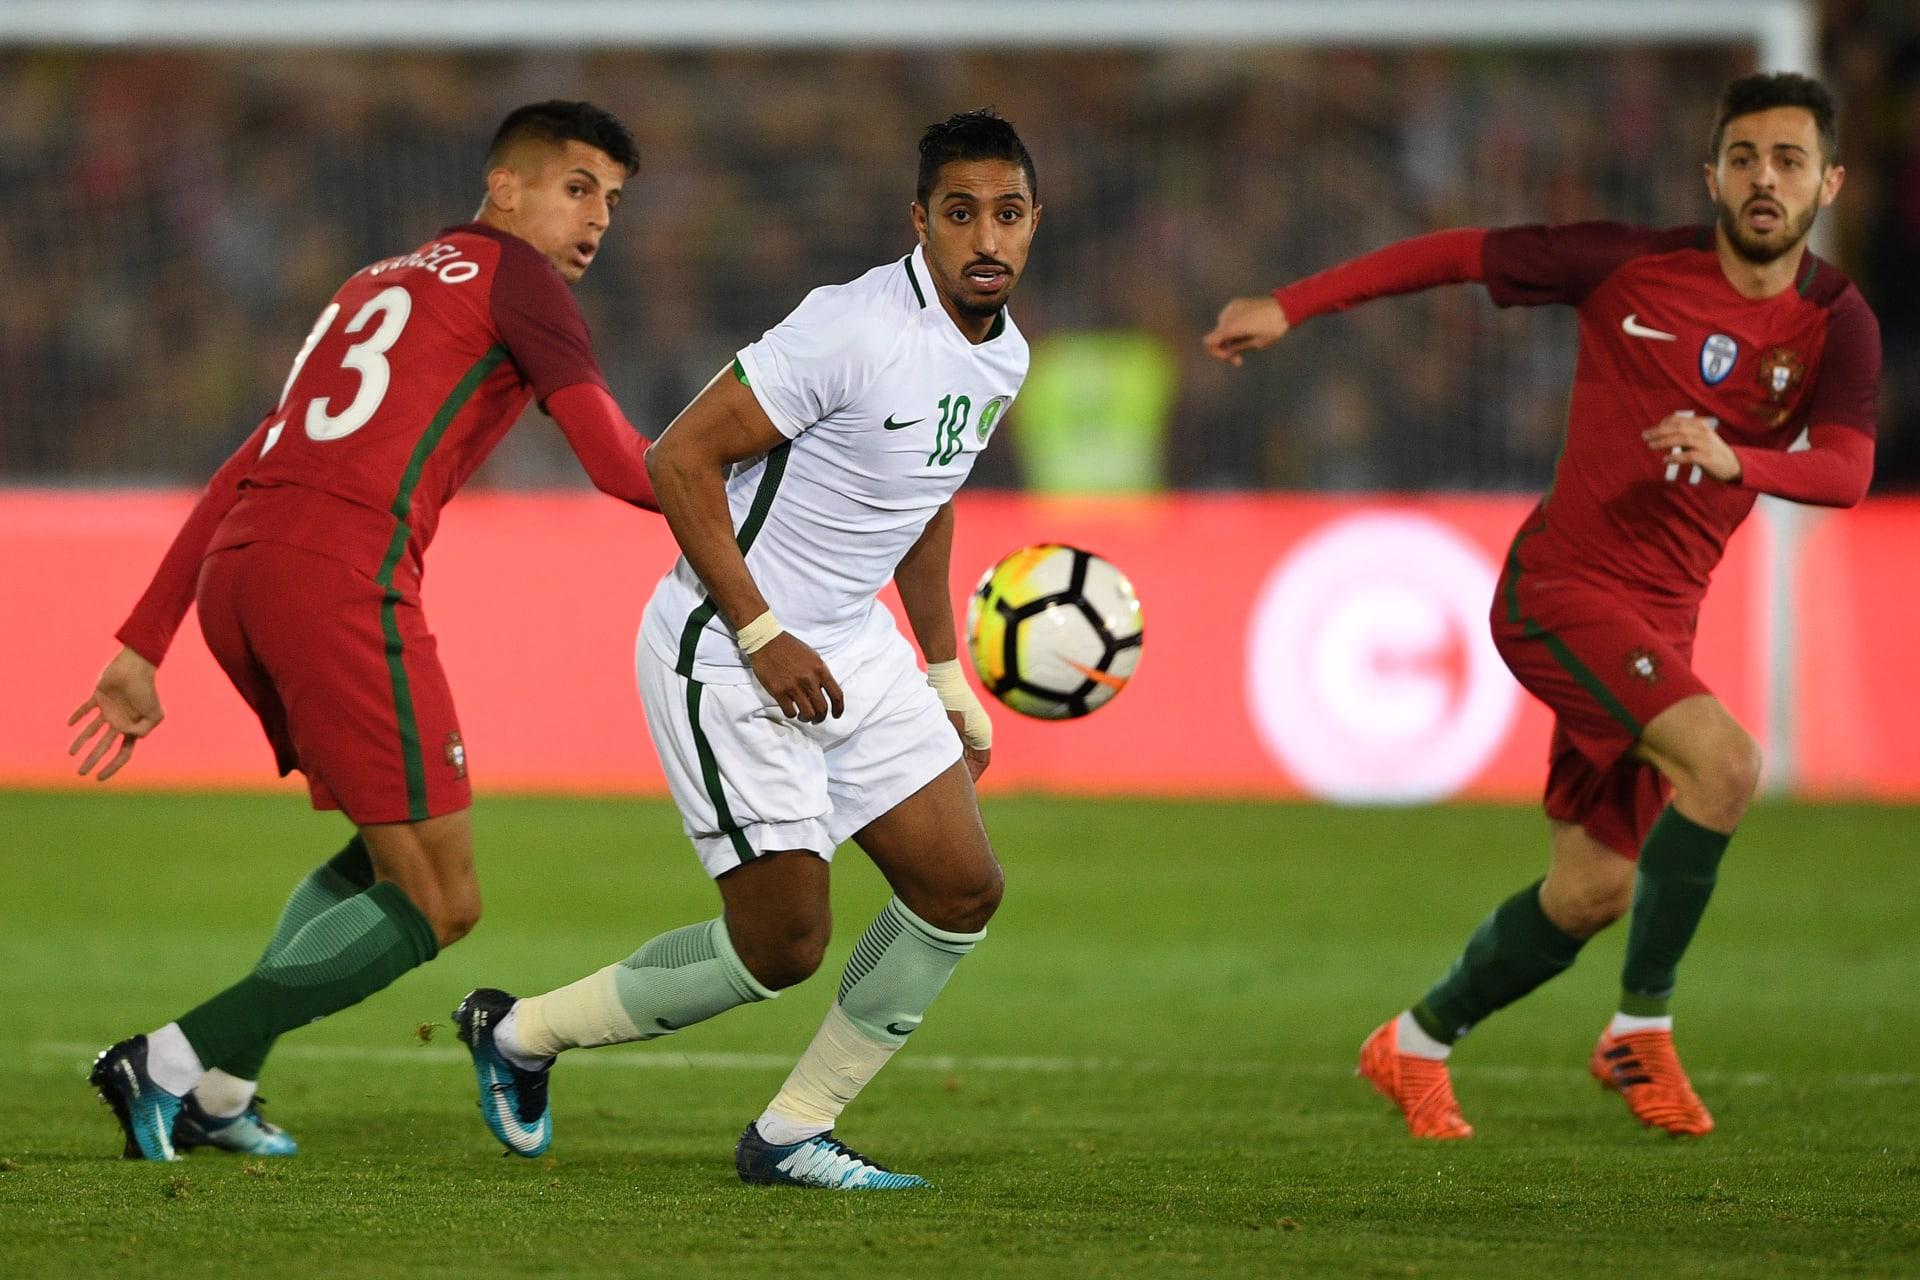 المنتخب السعودي يكشف عن زيه الرسمي في كأس العالم 2018